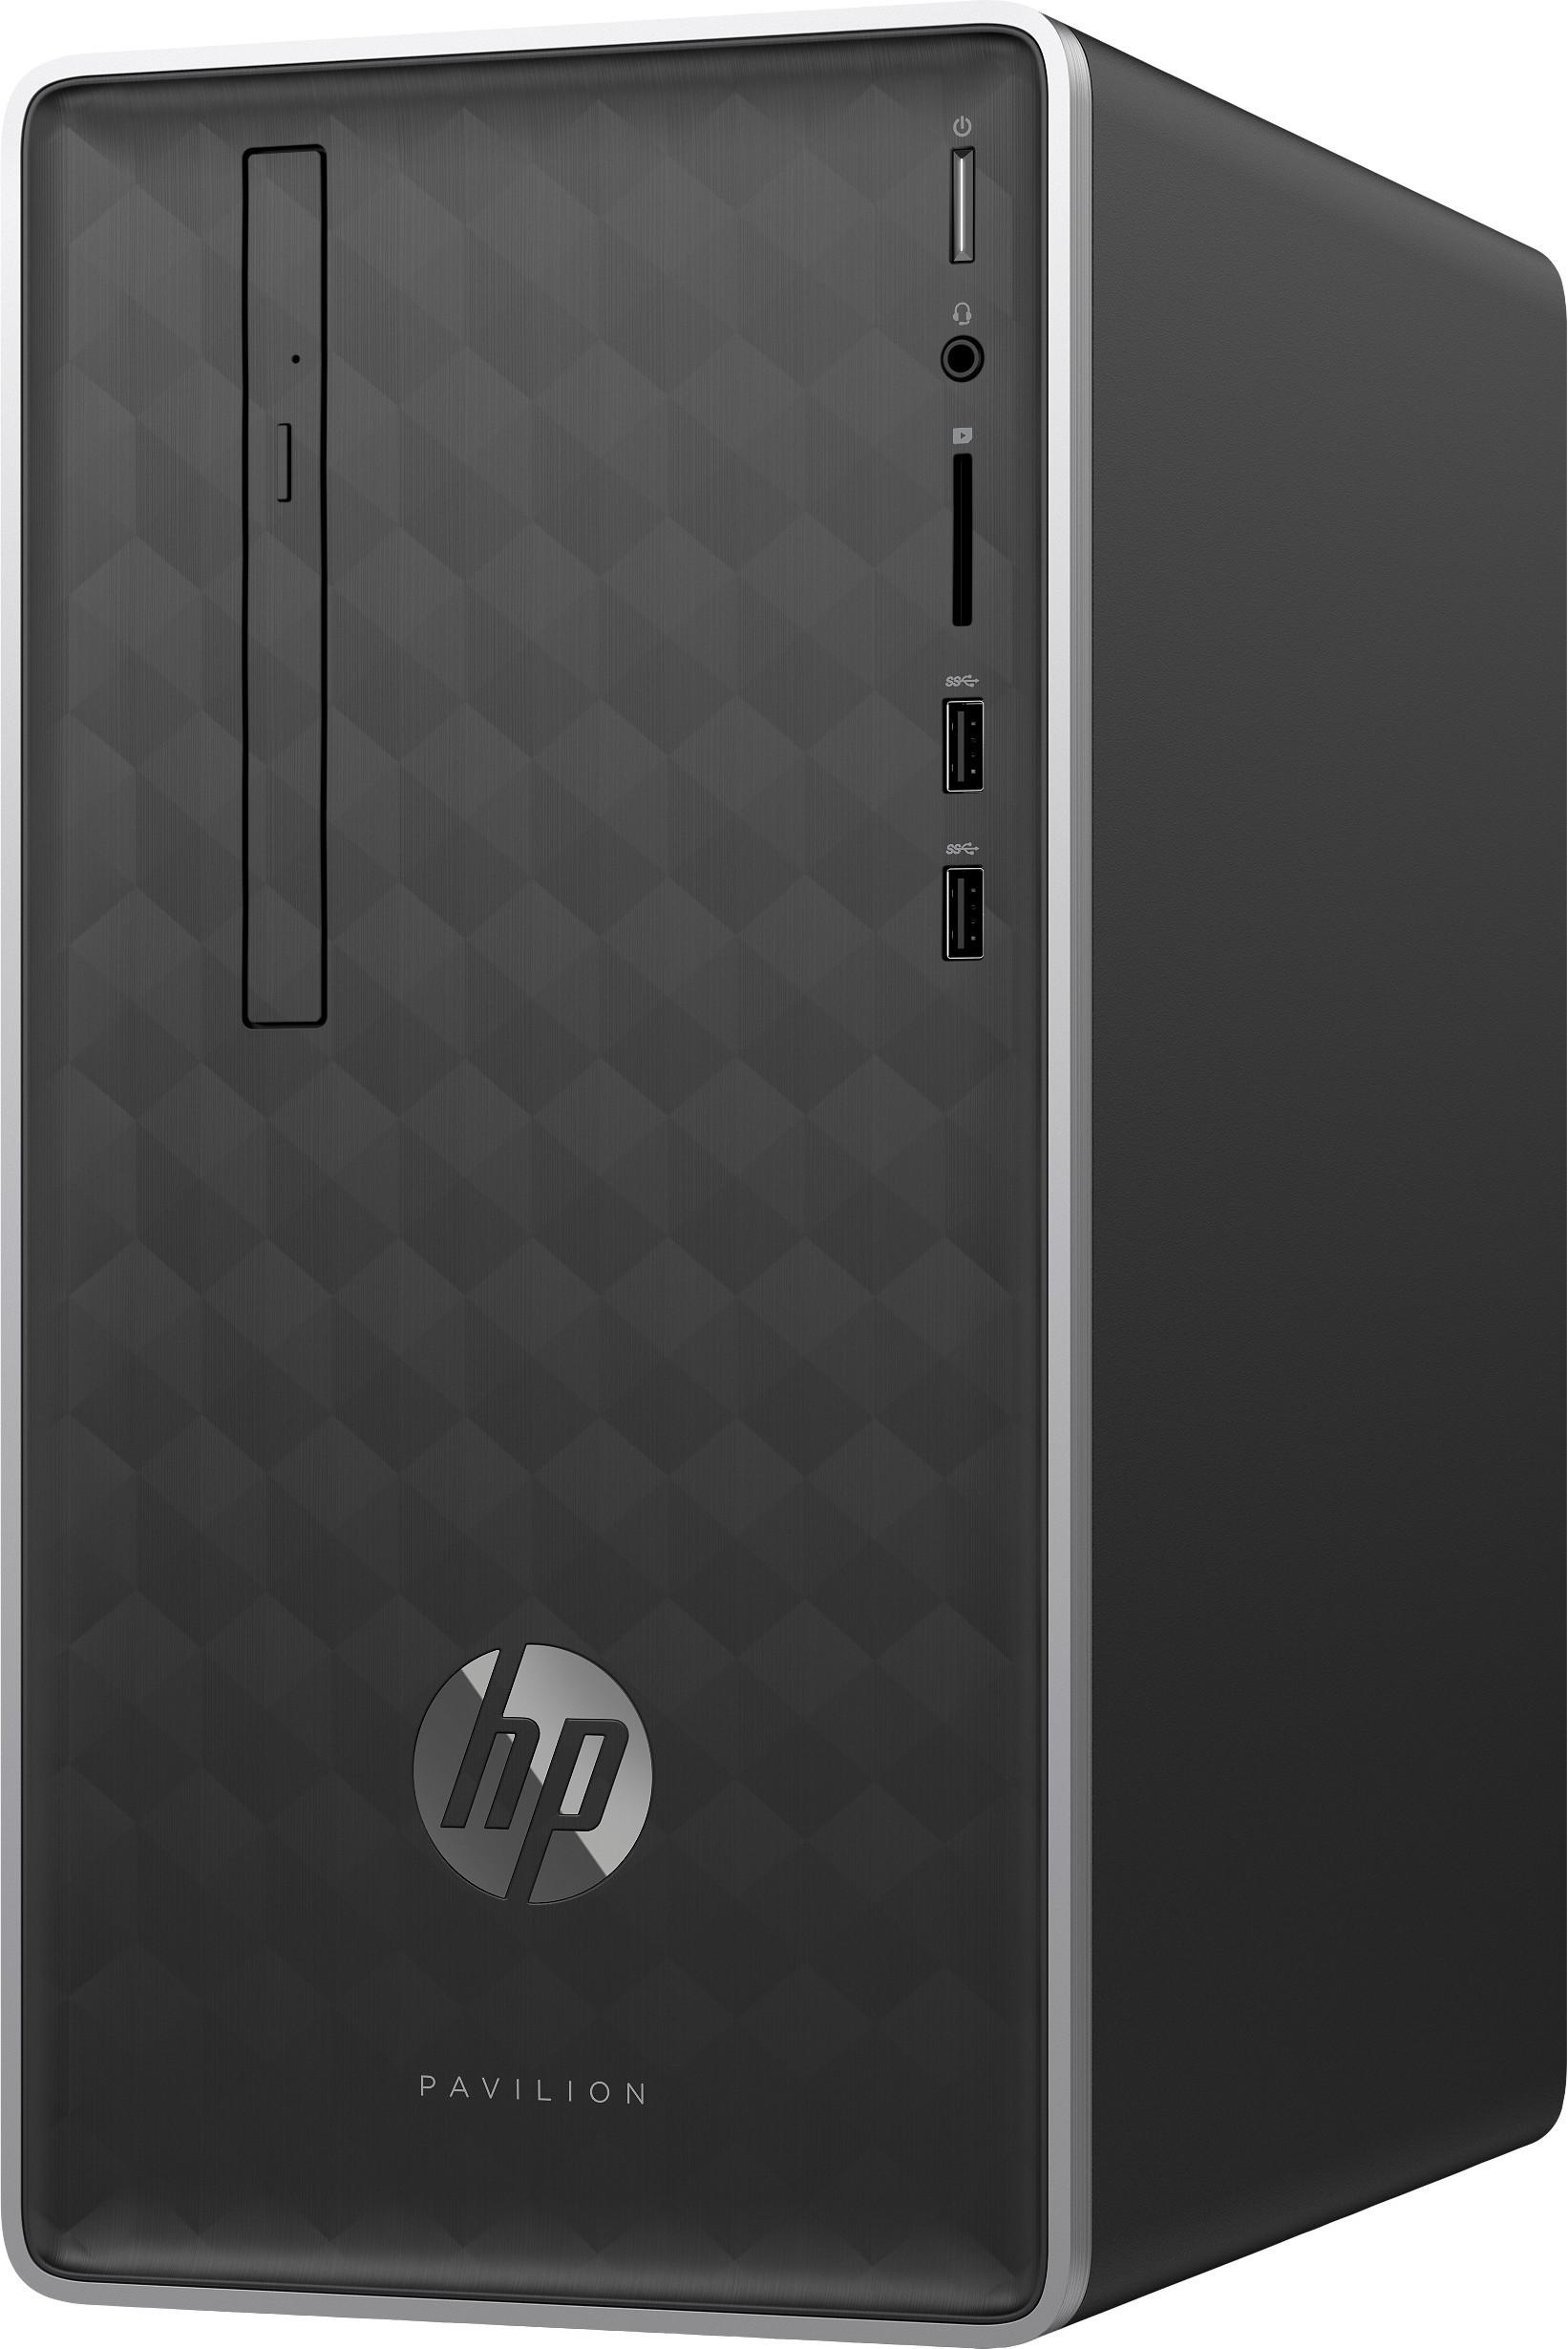 HP Pavilion 590-p0055qe Desktop Computer i7-8700 12GB 1TB 16GB SSD Win10 Refurb